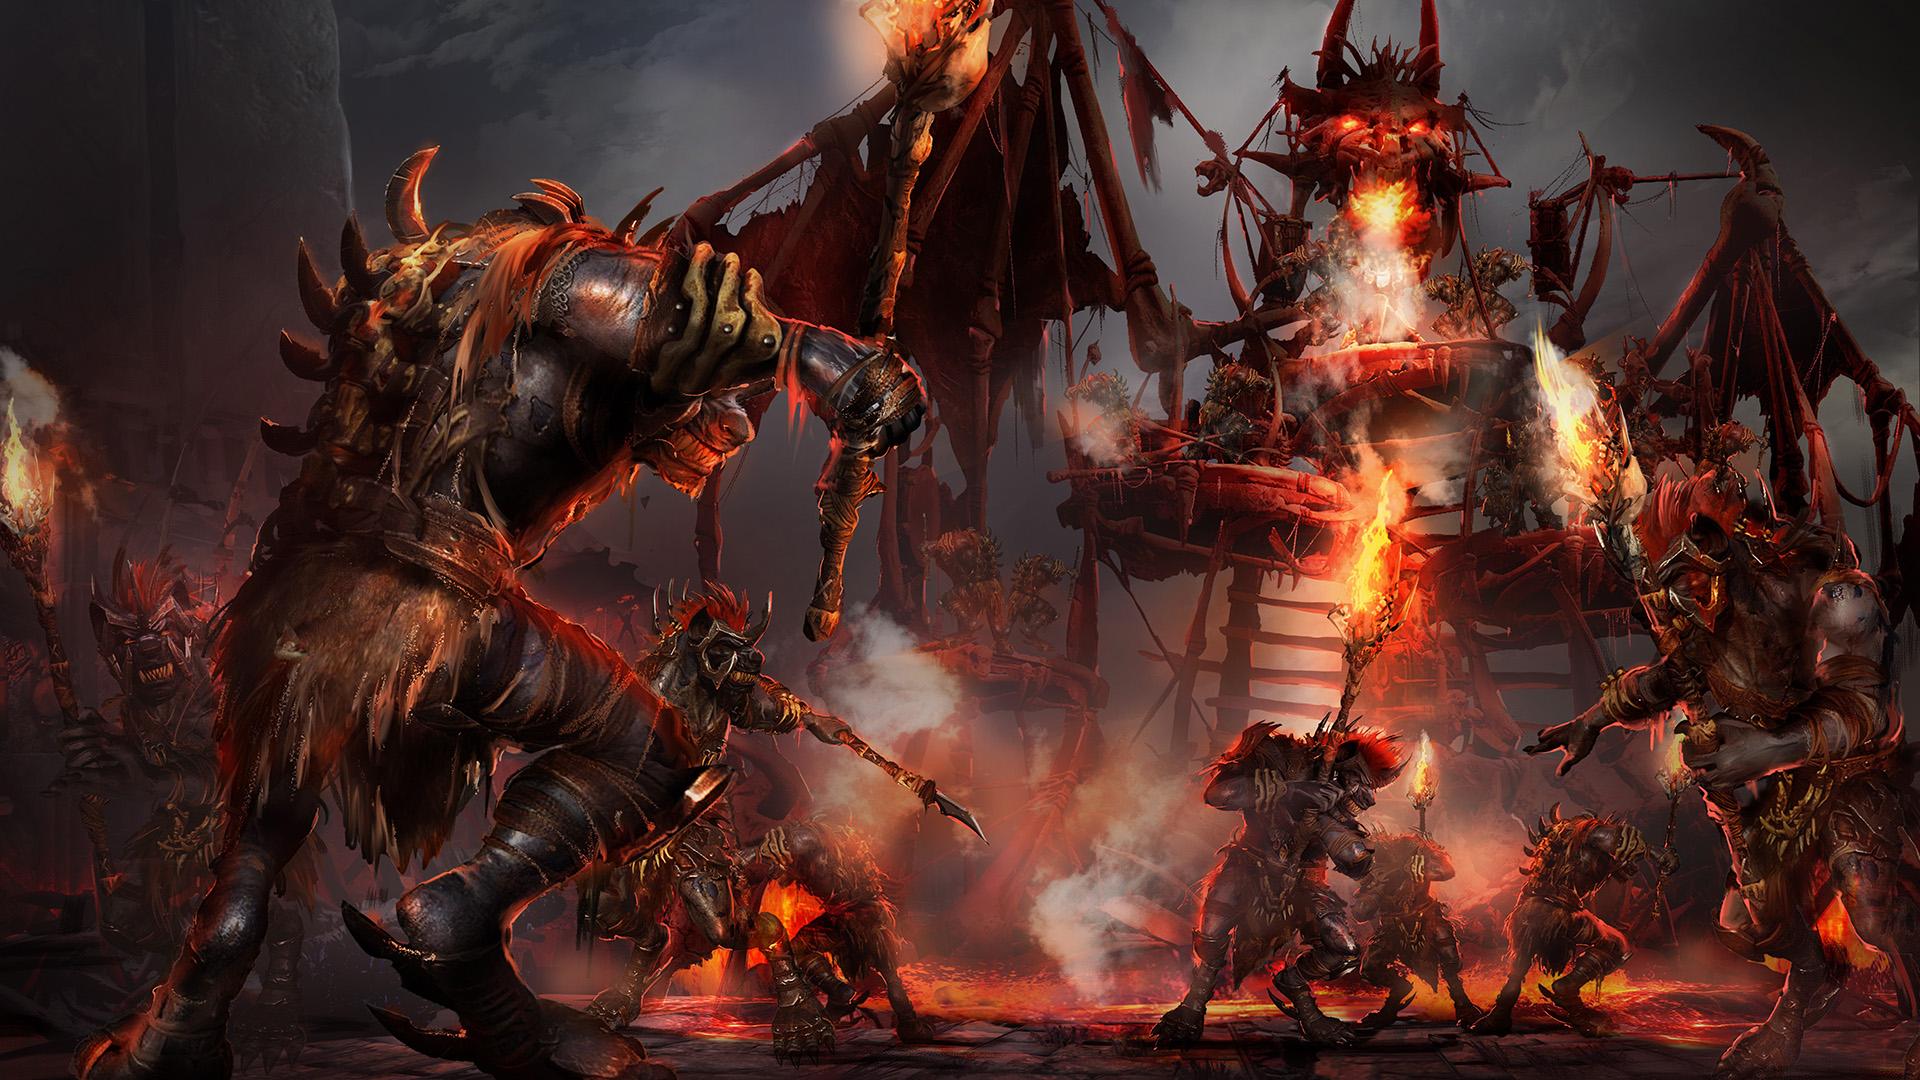 Арт - Dungeons & Dragons: Dark Alliance